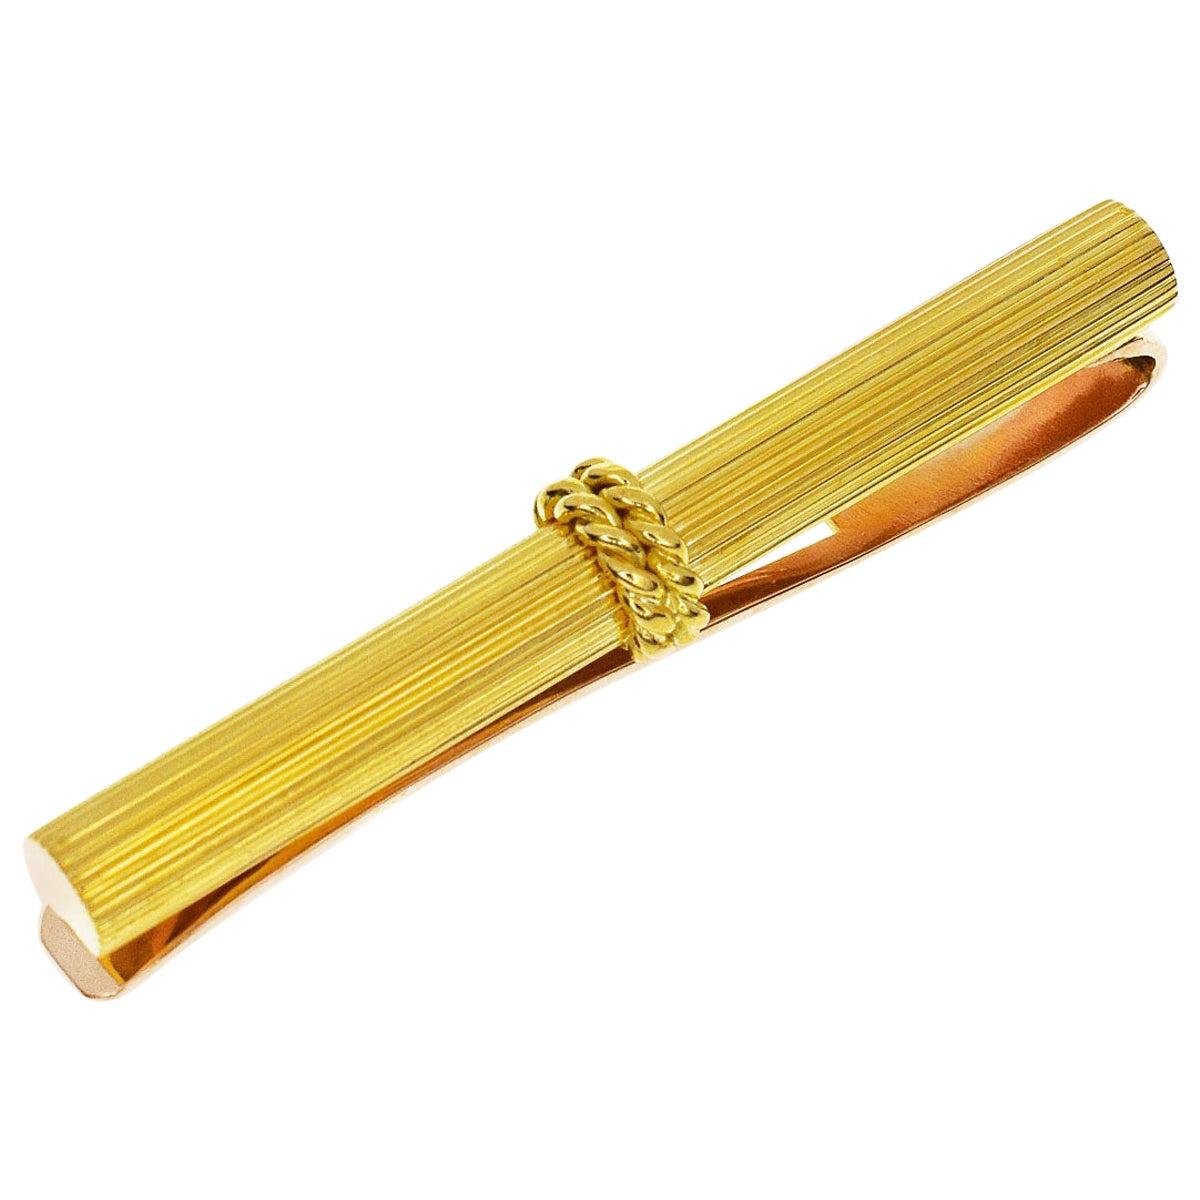 Van Cleef & Arpels 18 Karat Yellow Gold Pink Gold Tie Pin